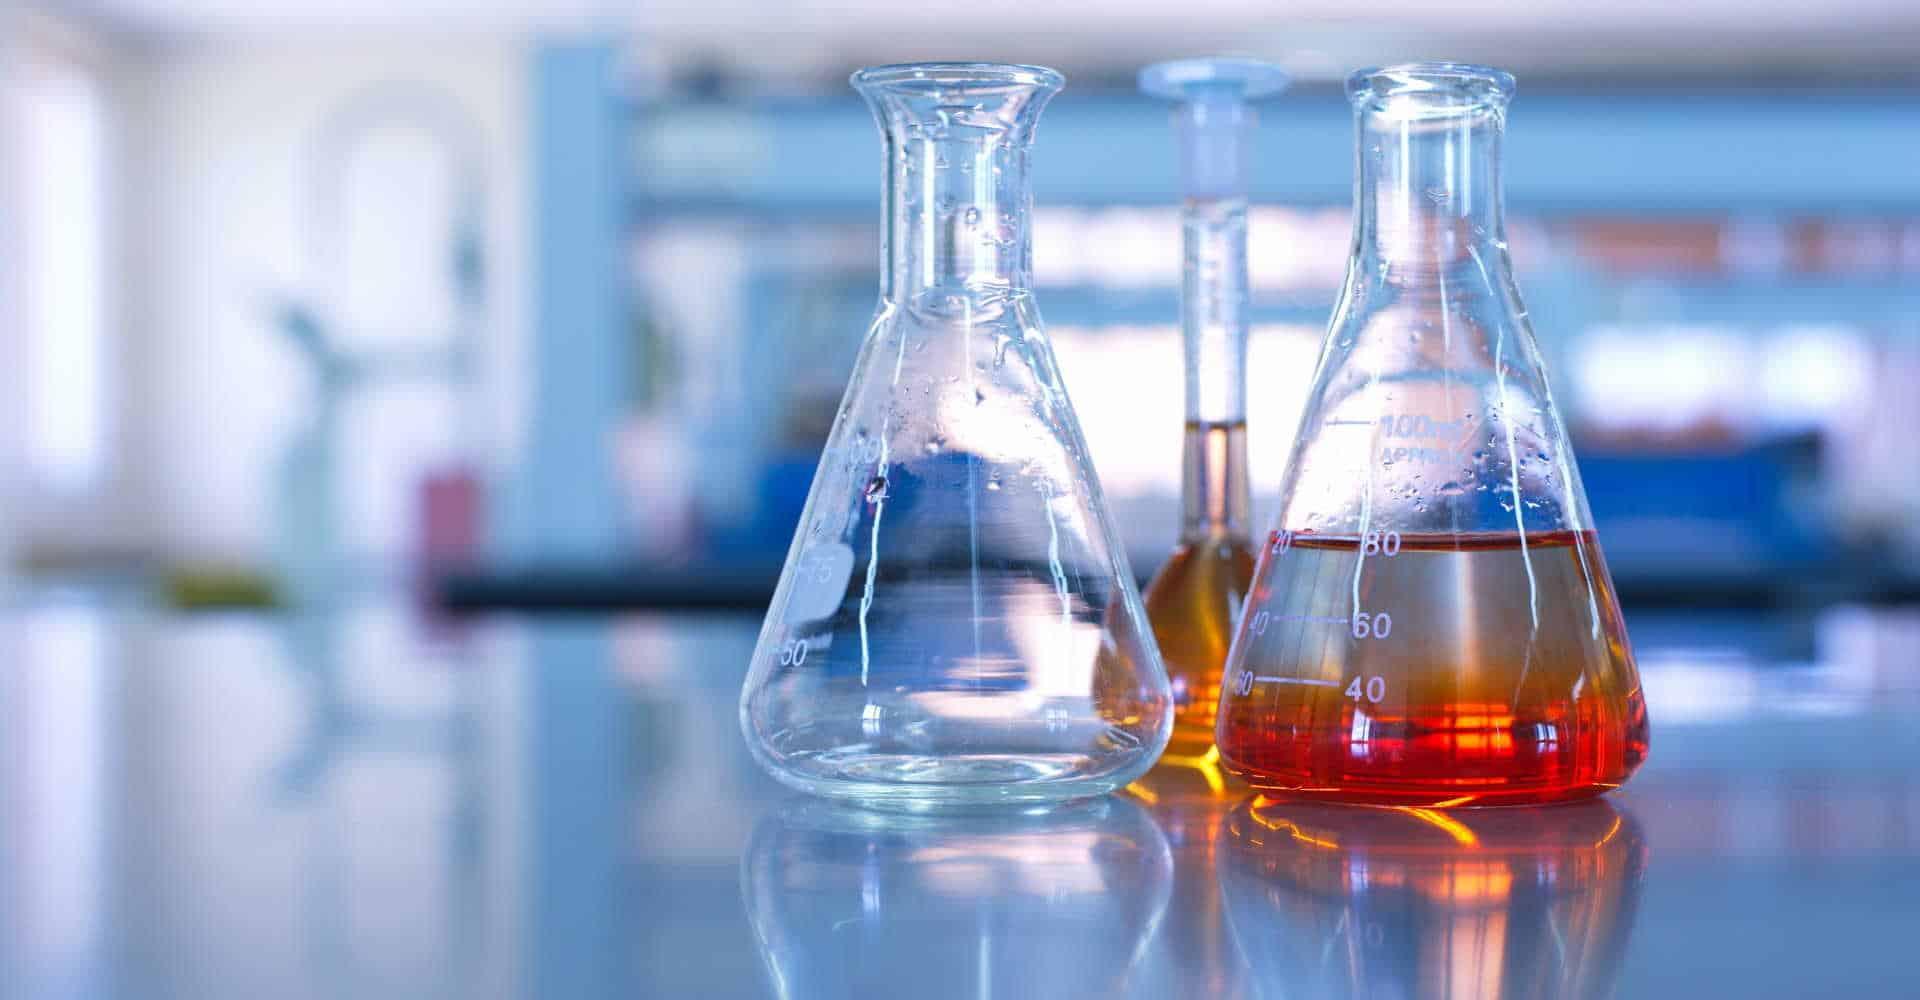 Clitec Chemieindustrie Schweiz